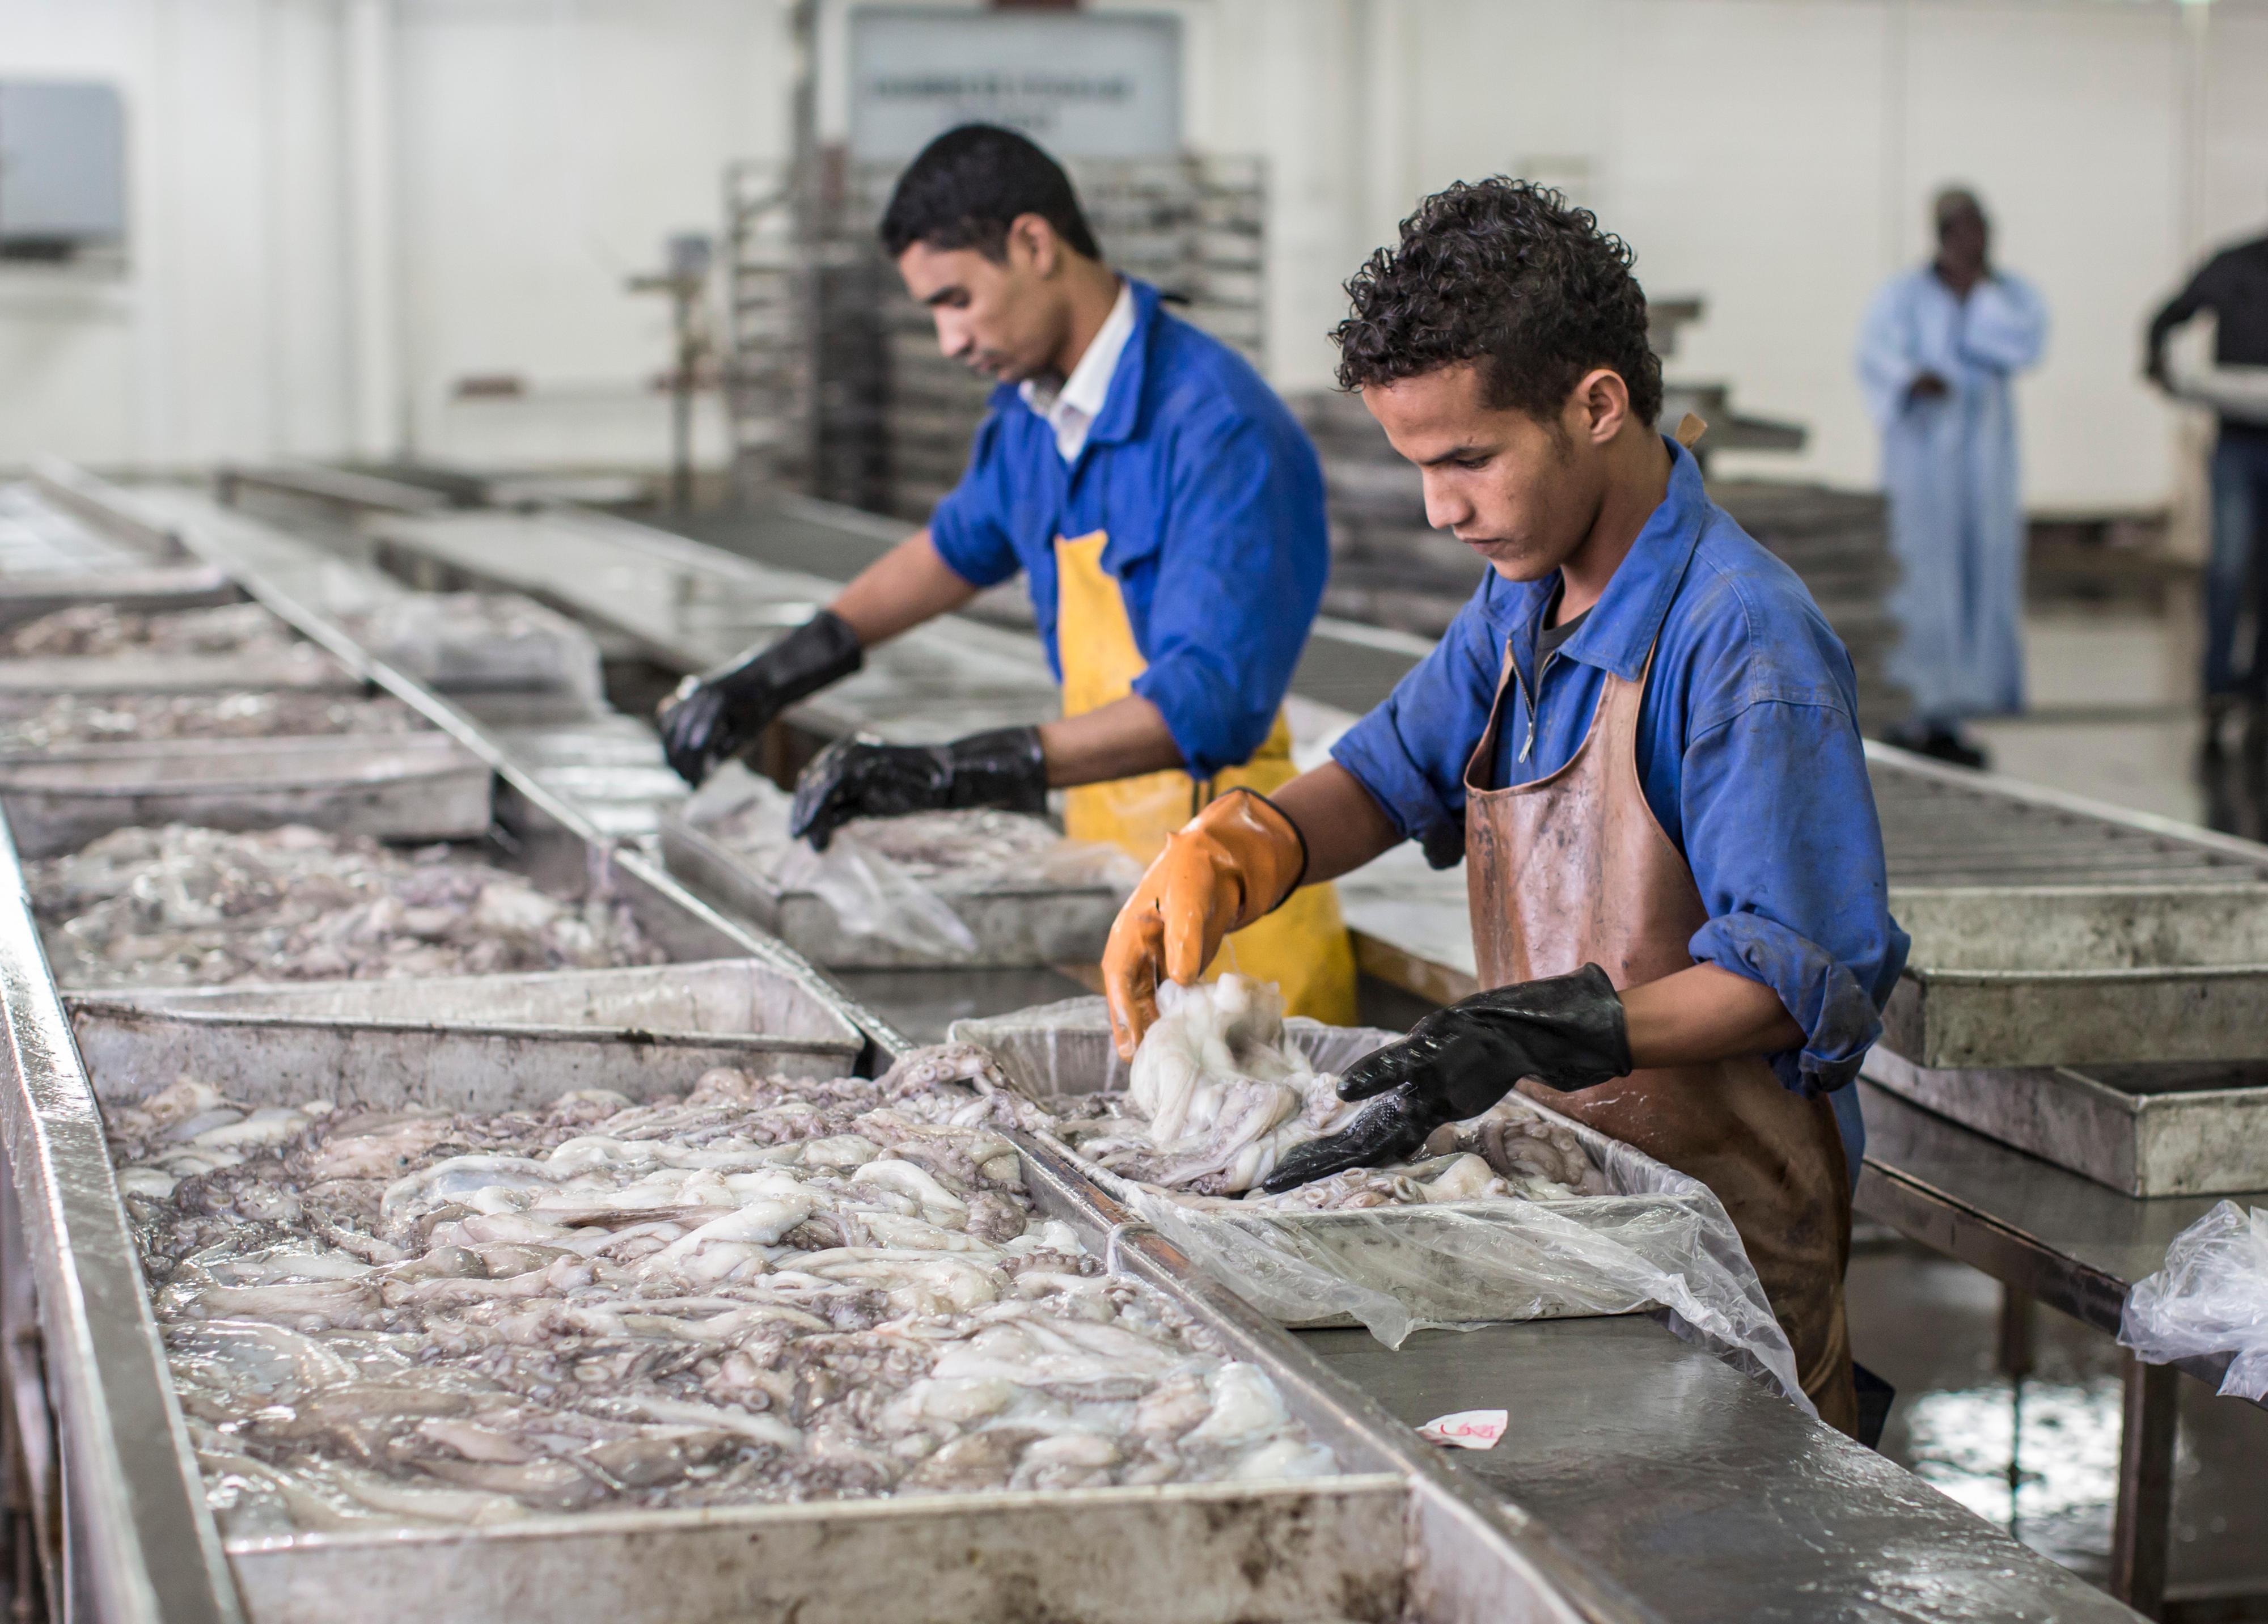 Arbeiter in einer Fischfabrik im Hafen von Nouadhibou, Mauretanien